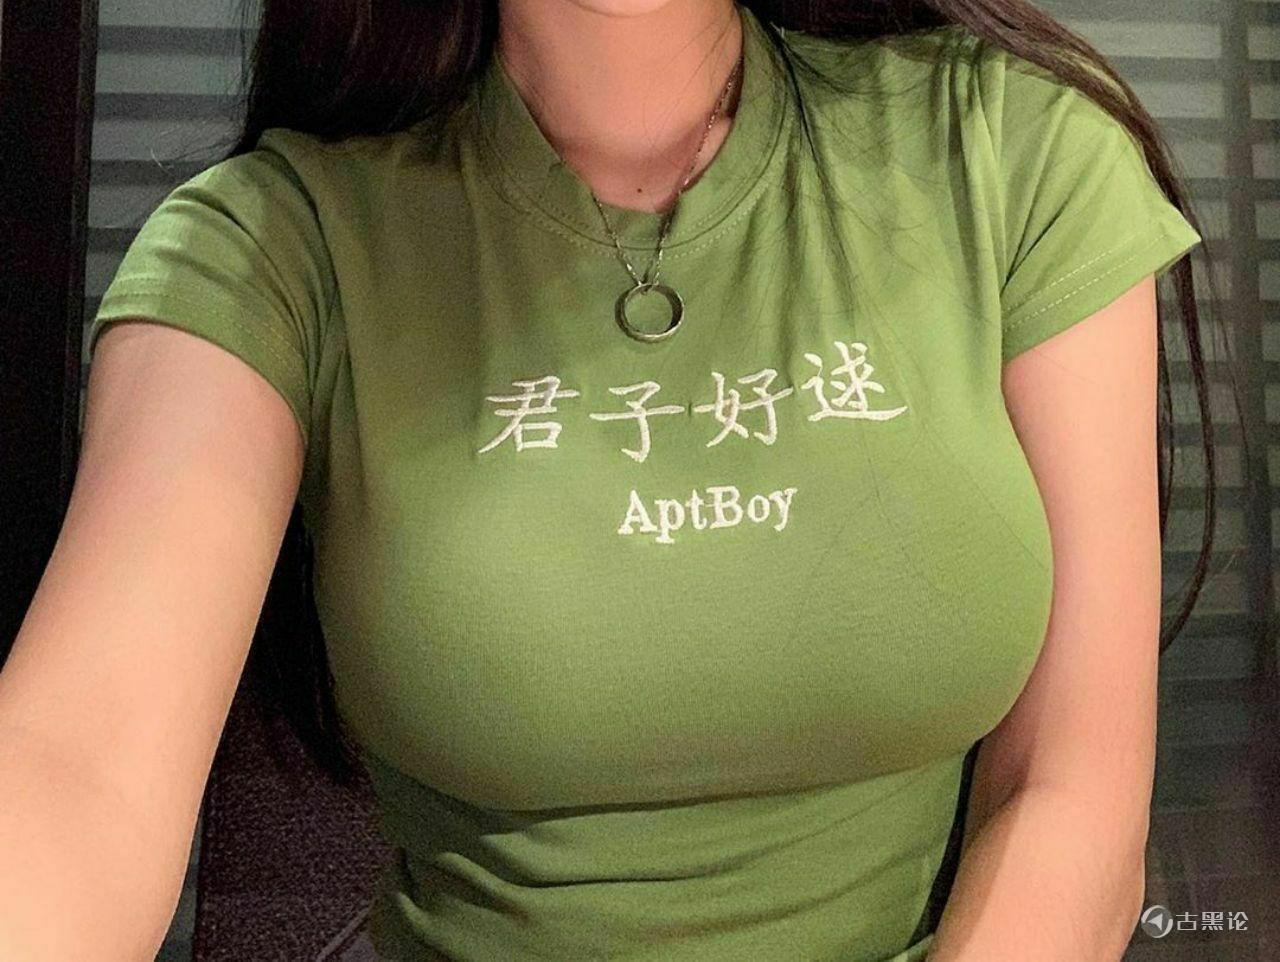 中国社会的本质,懂的人混得不会太差 photo_2020-03-11_21-54-13.jpg